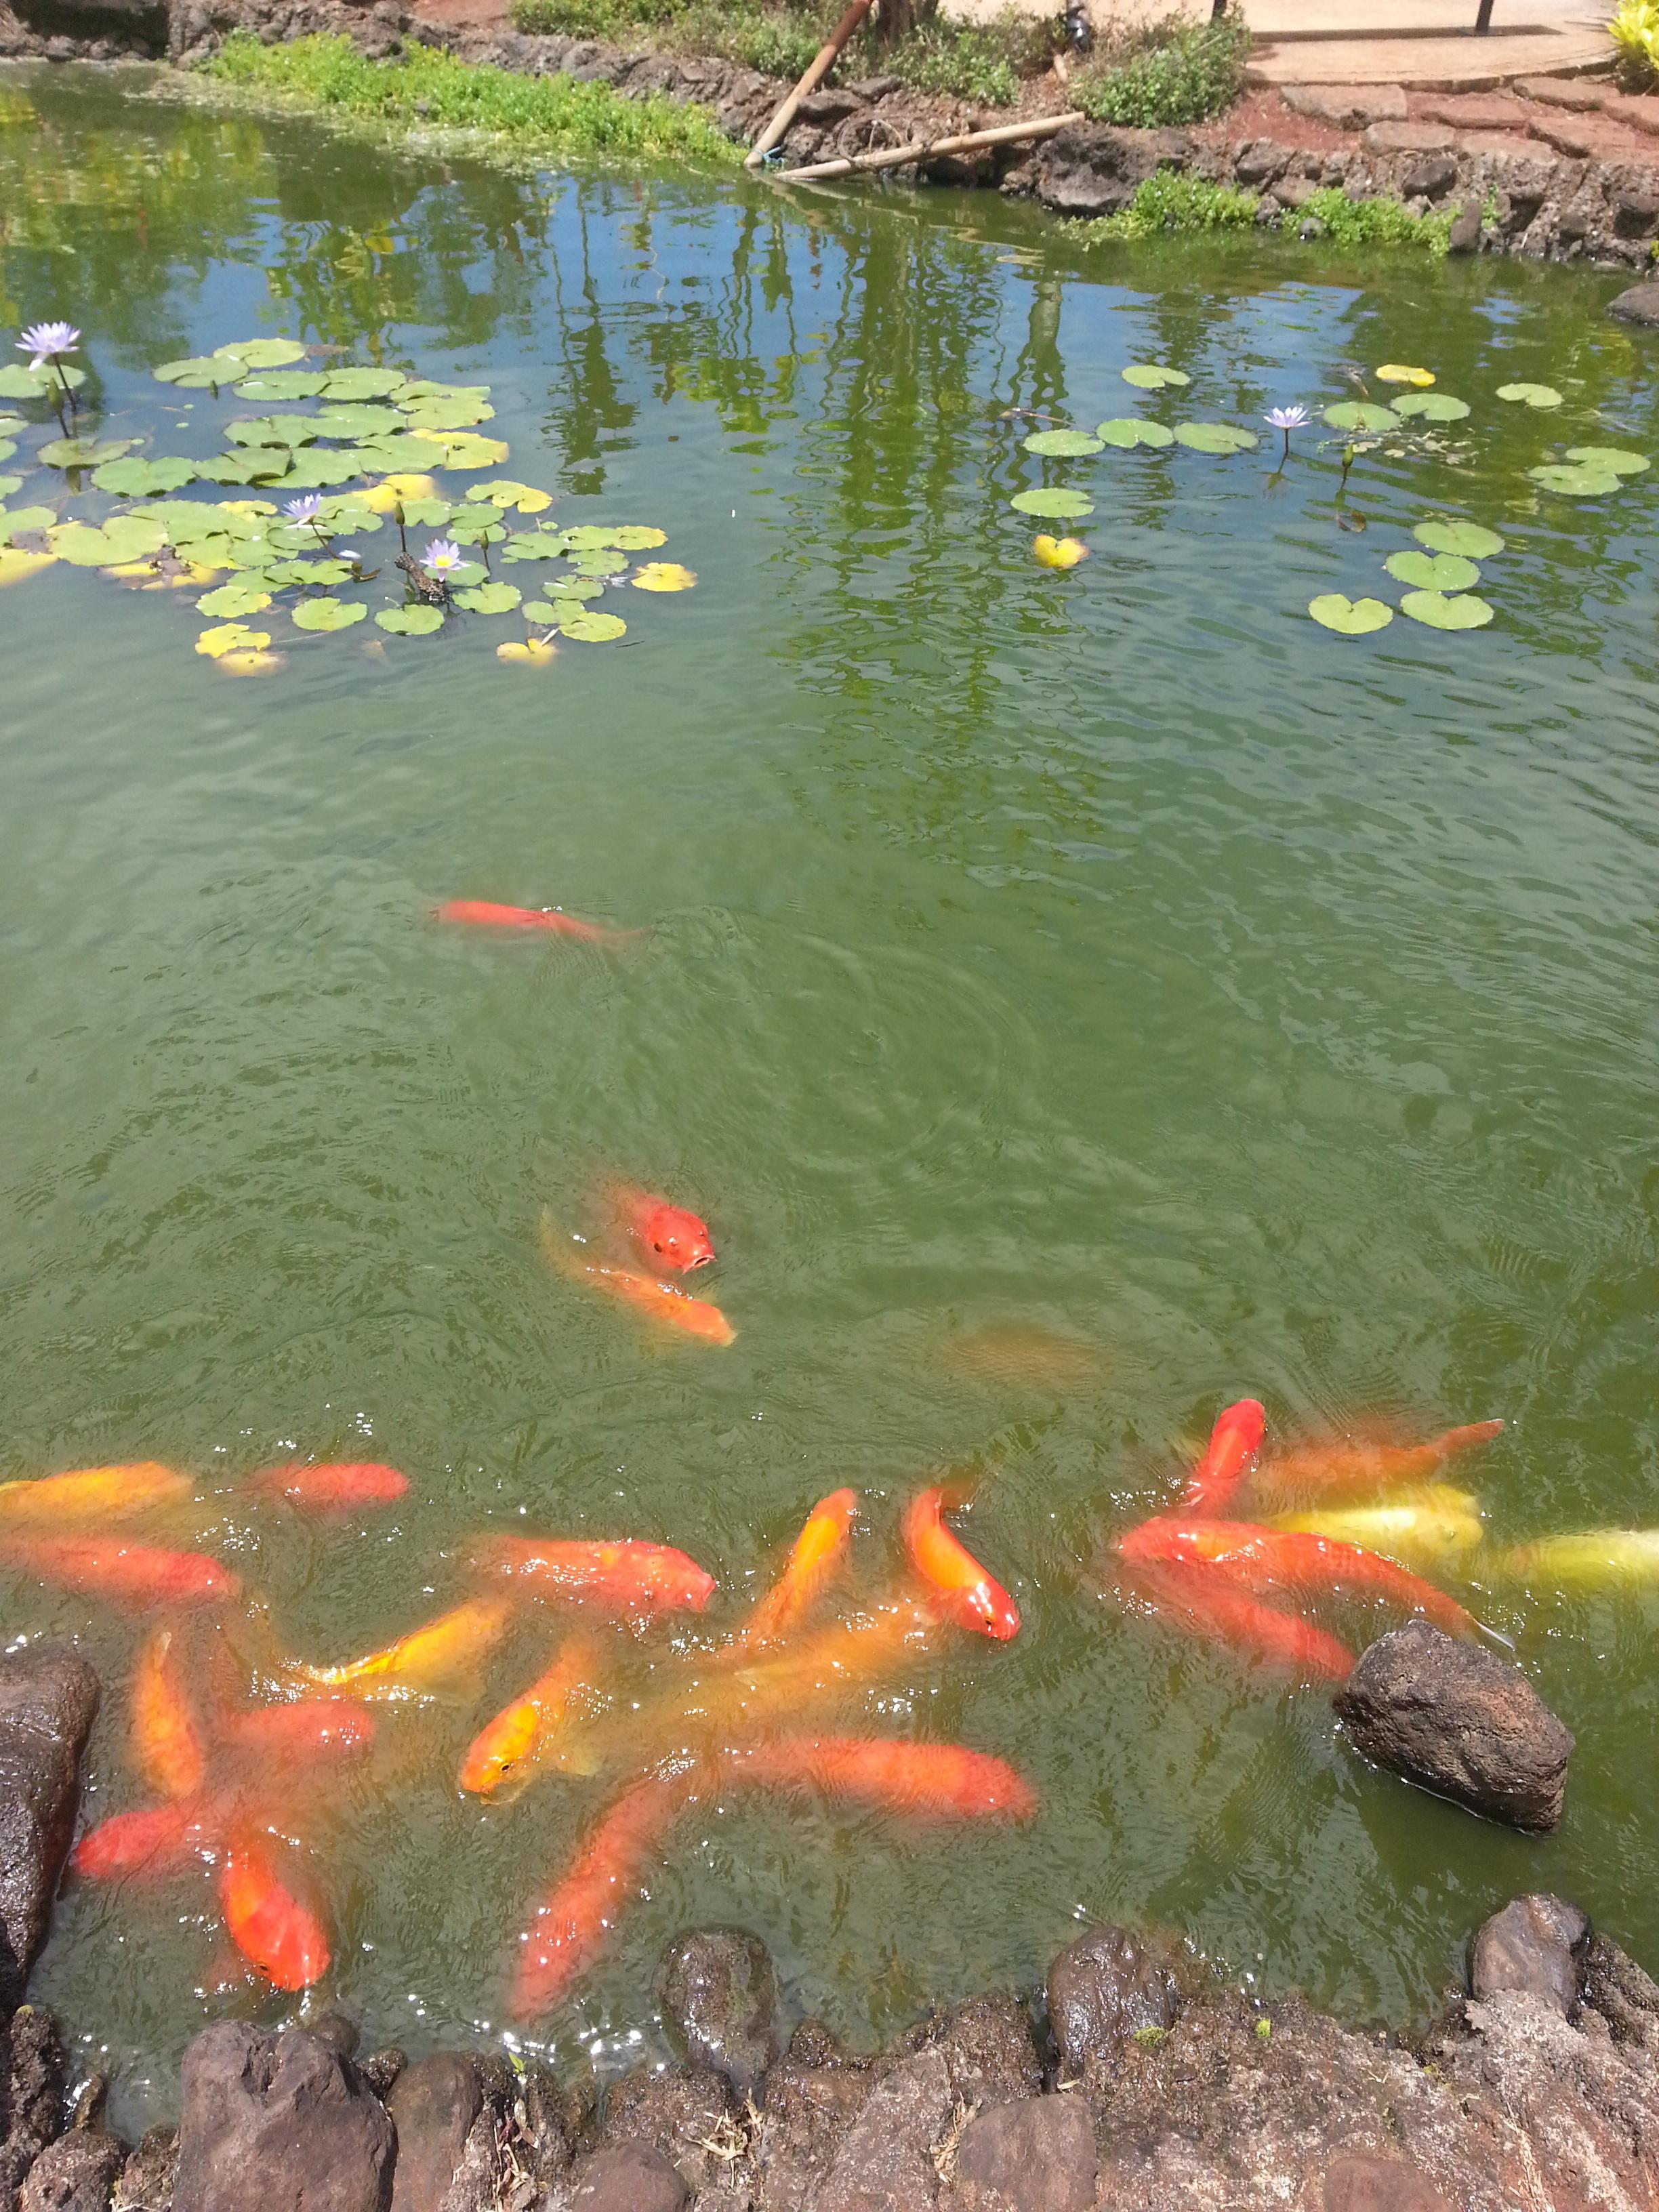 Fotos gratis pescado koi estanque de peces fen meno for Estanque peces koi